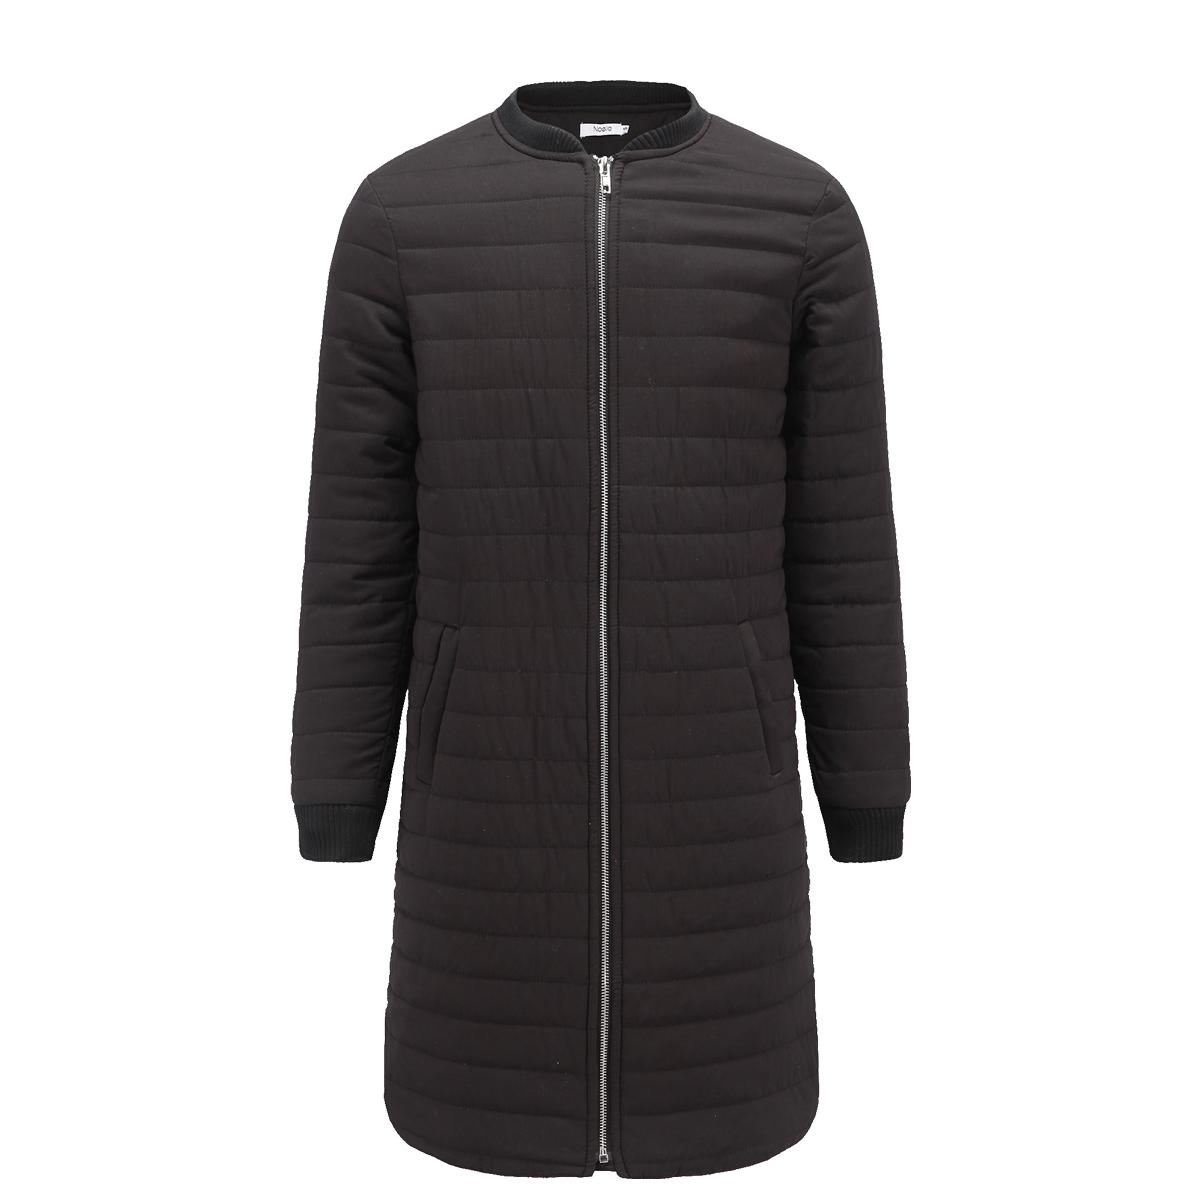 Noella Noella Tumwater Coat Black